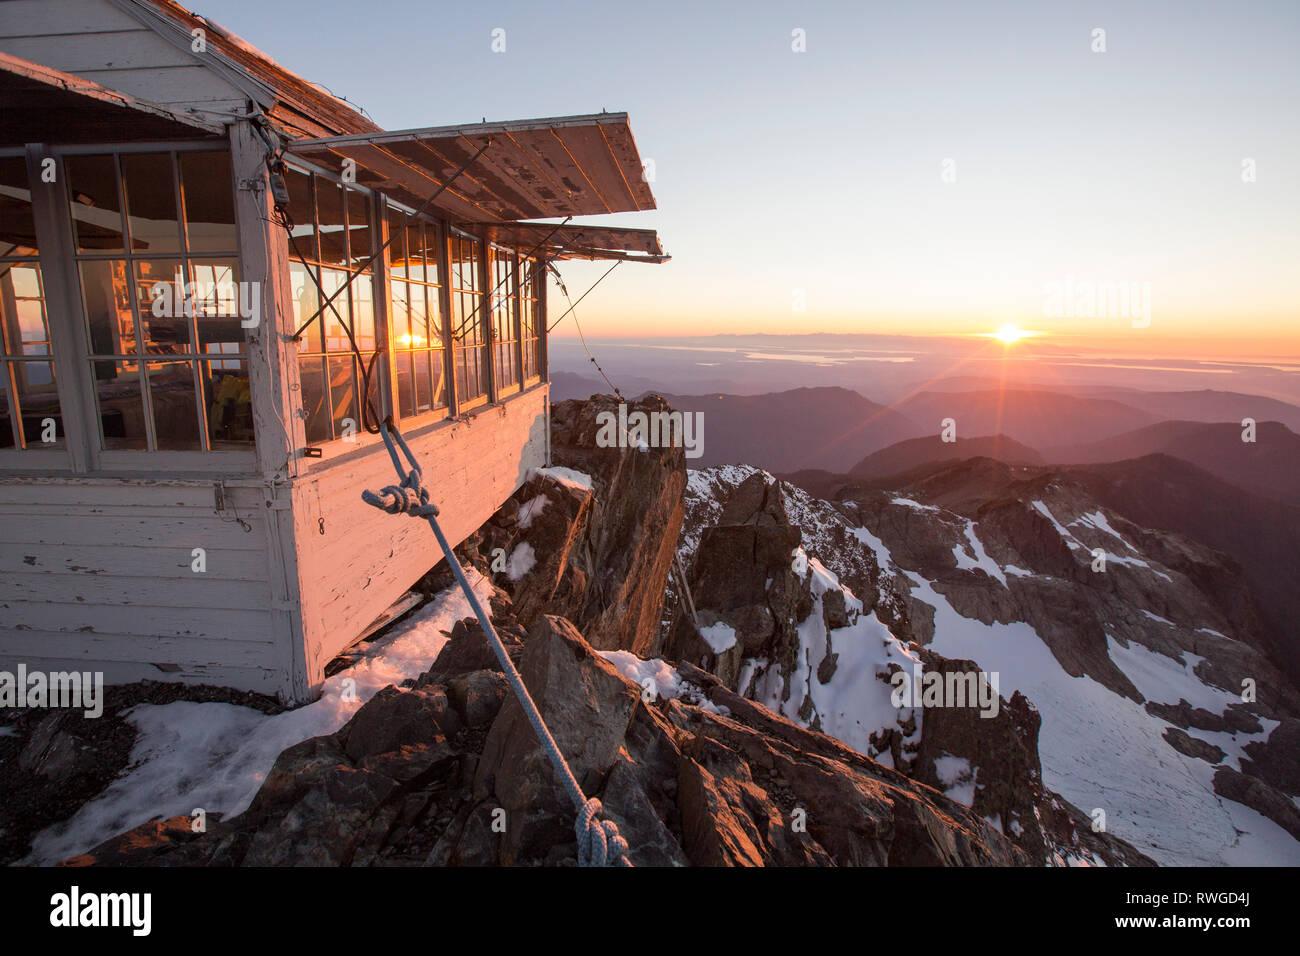 Le restauré d'observation, construite en 1932, sur trois doigts Mountain, près de Seattle, Washington, USA. Photo Stock